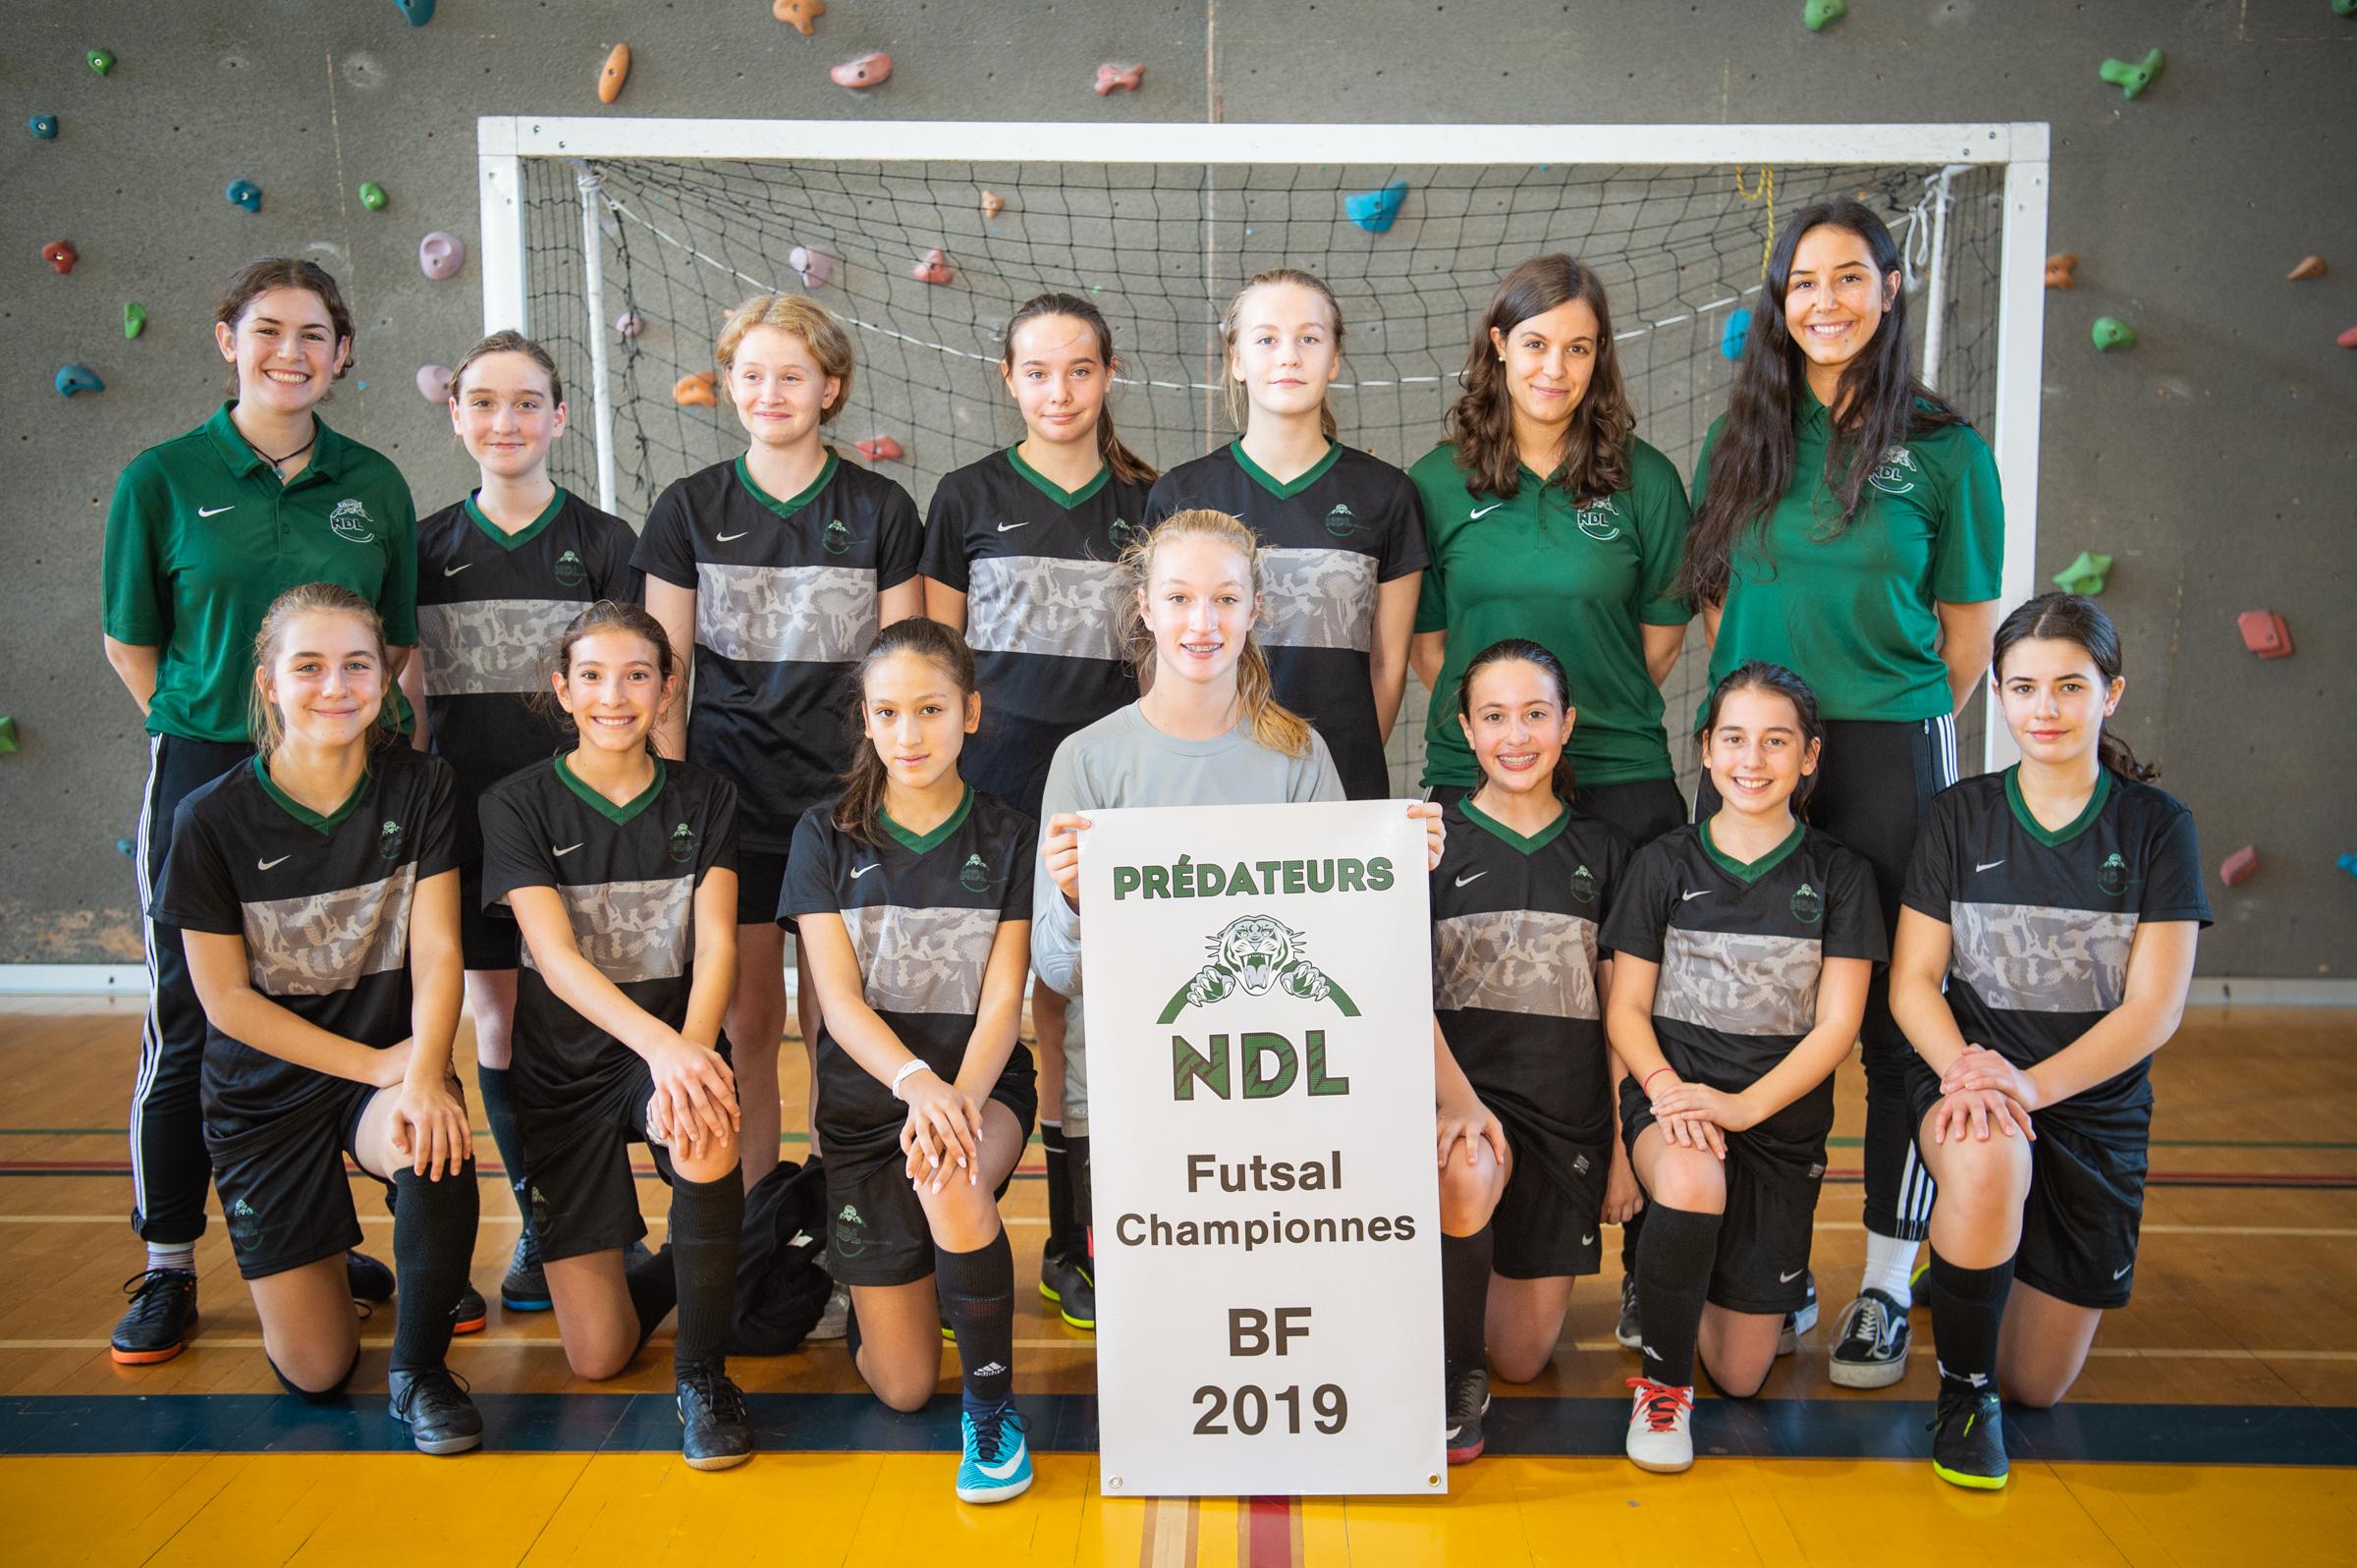 Benjamines D3 - championnes du Tournoi de futsal présaison des Prédateurs du Collège NDL 2019